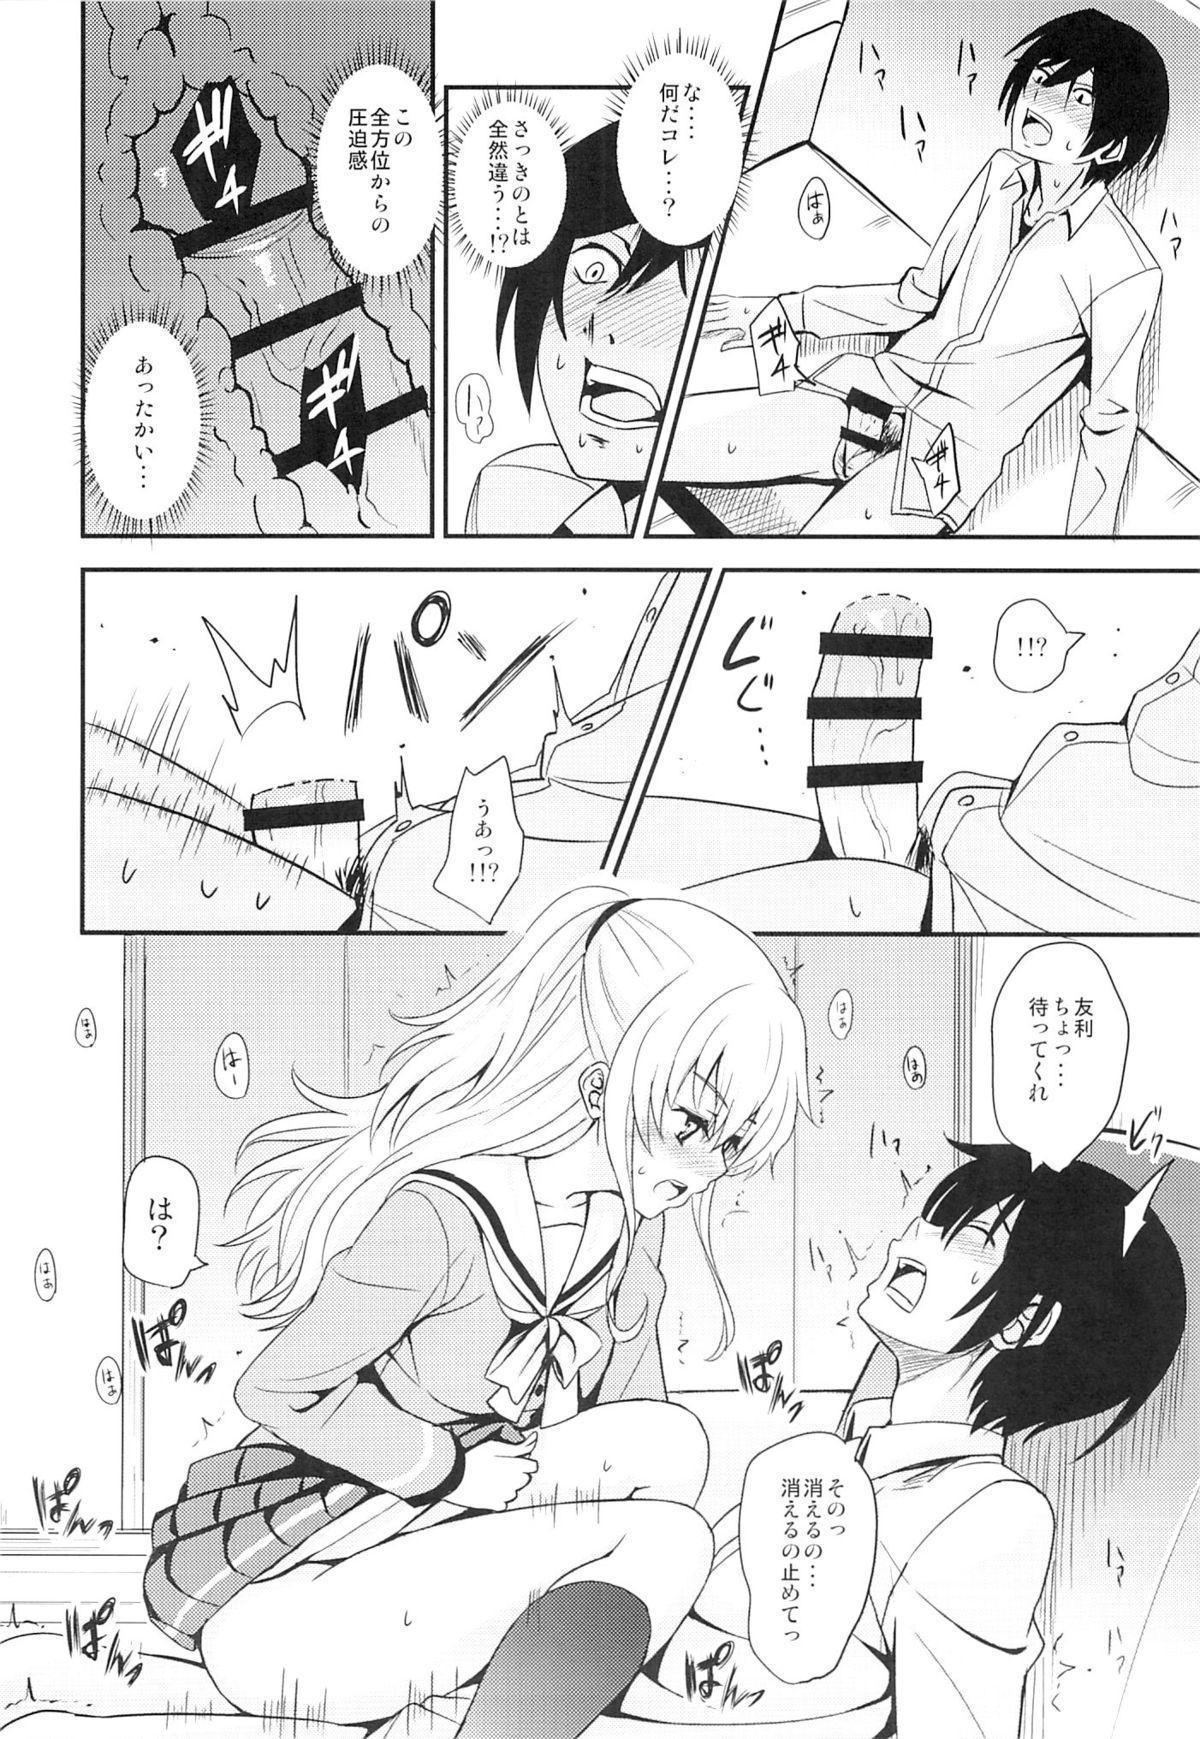 Nouryoku Hatsujou 10